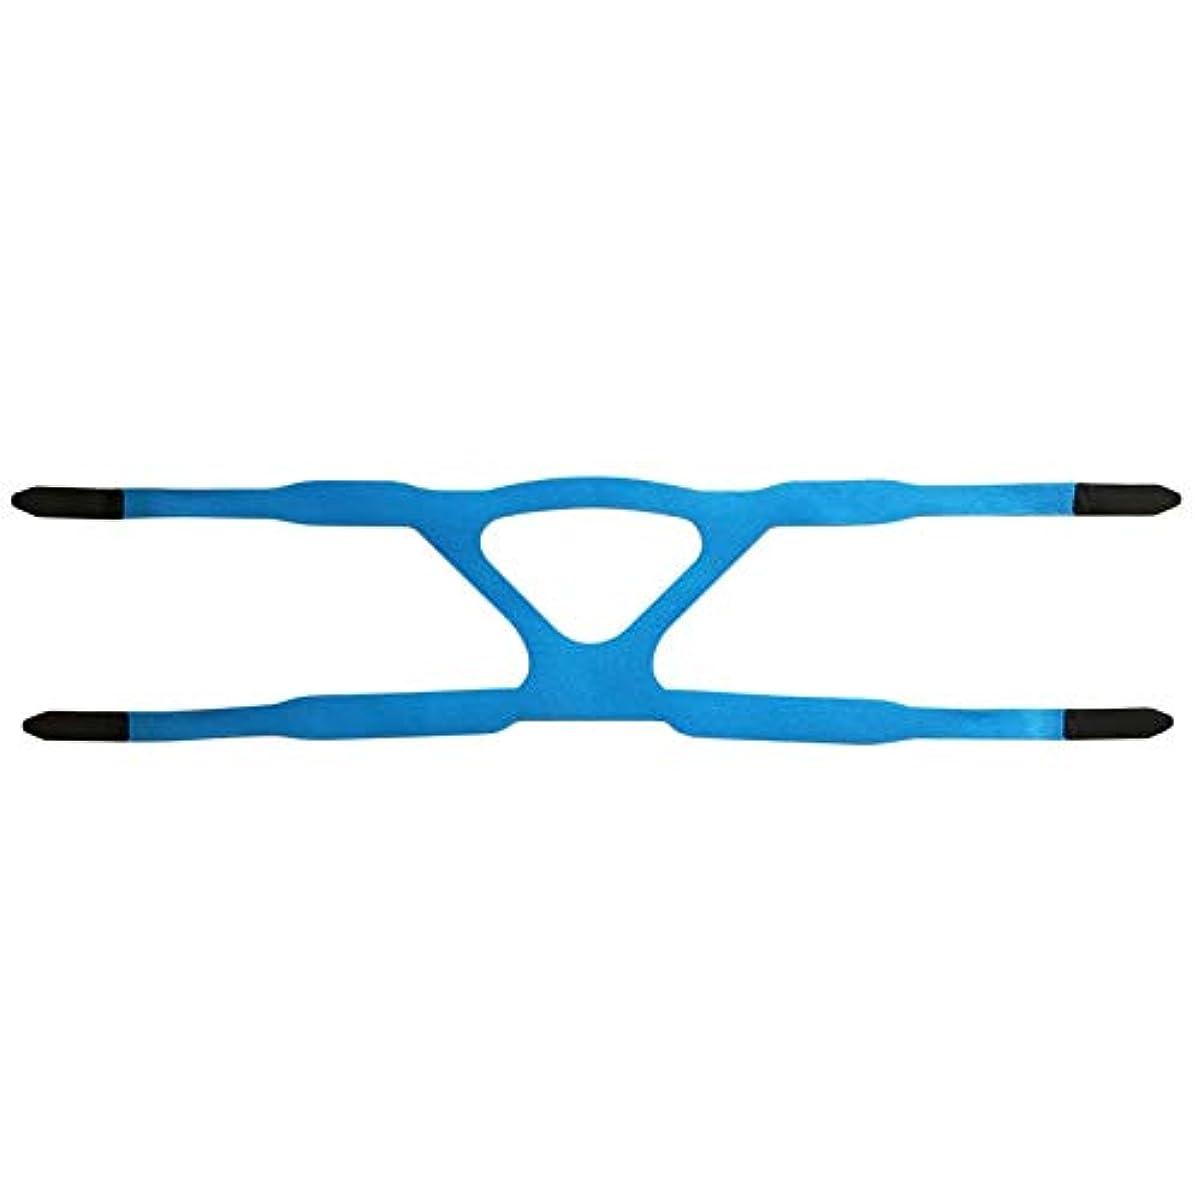 故障中大通り熱ユニバーサルヘッドギアコンフォートジェルフルマスク安全な環境での取り替えCPAPヘッドバンドなしPHILPSに適した - ブルー&グレー